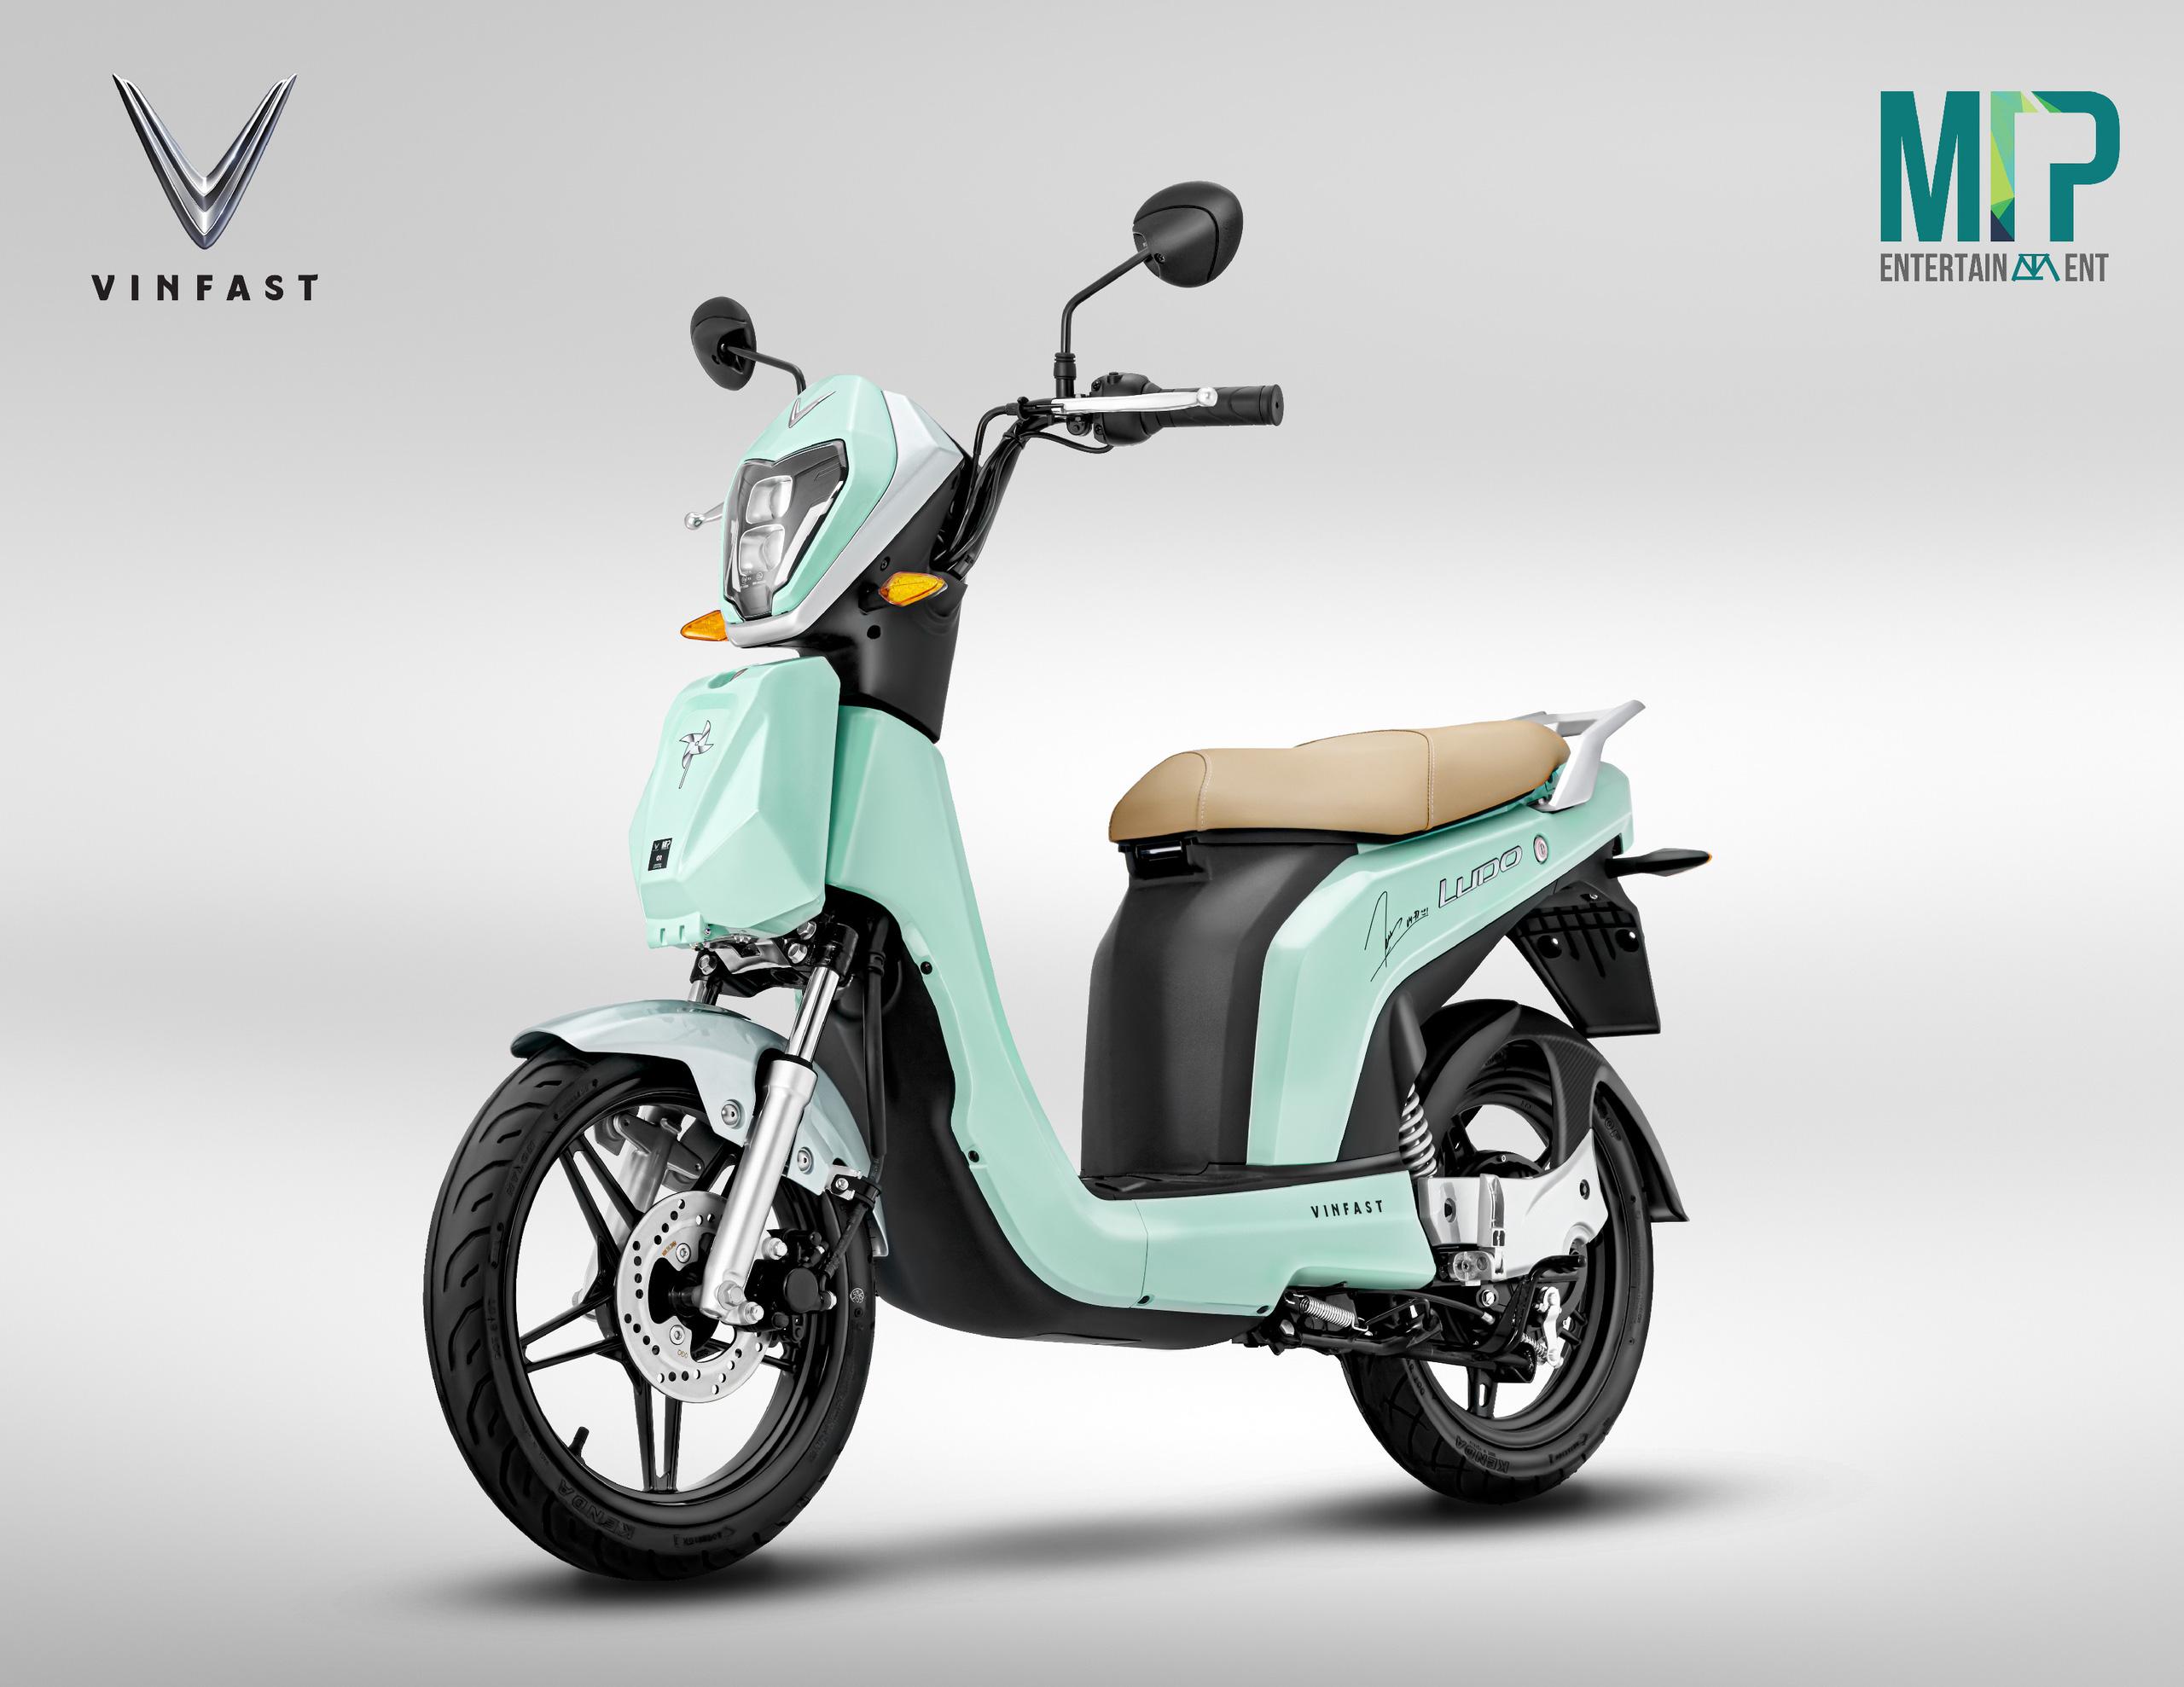 VinFast công bố hai mẫu xe máy điện mới mang đậm phong cách của Sơn Tùng M-TP - Ảnh 2.